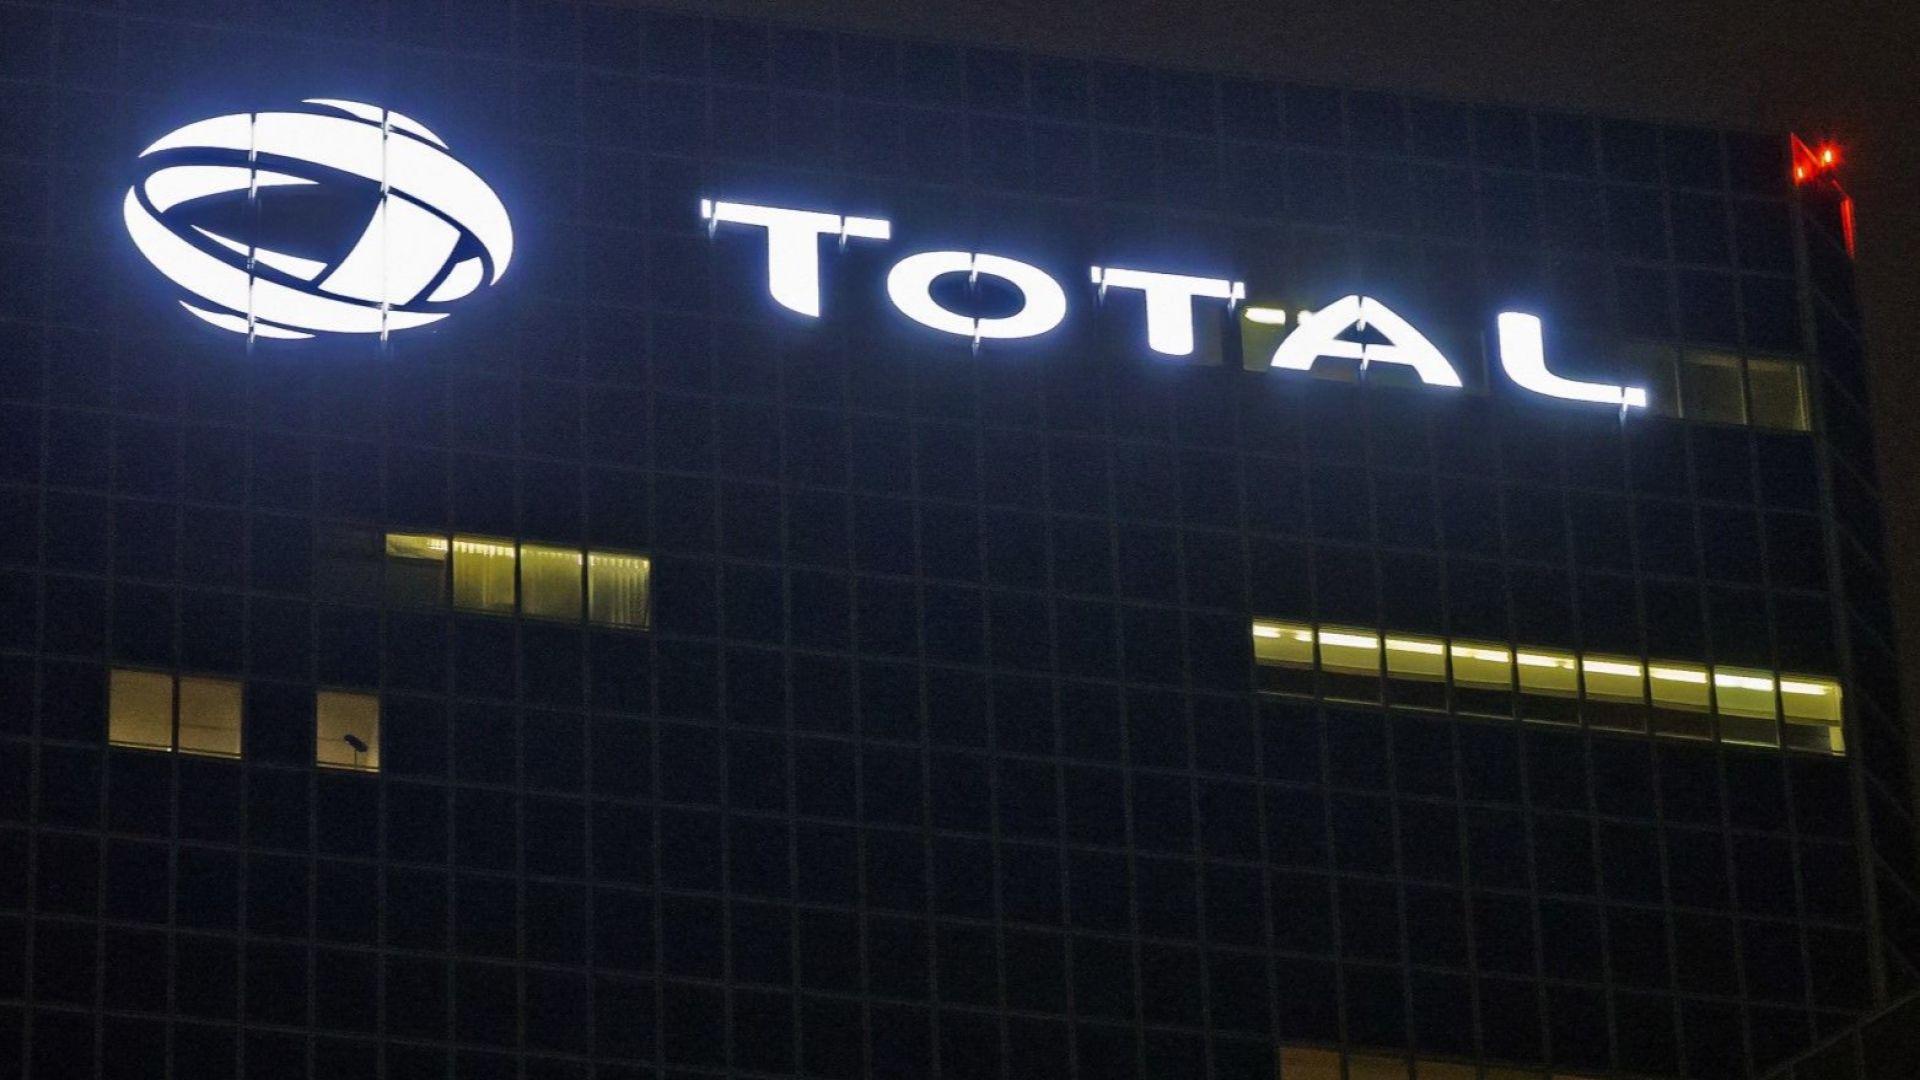 Петролният гигант Total прави завой към възобновяемите източници